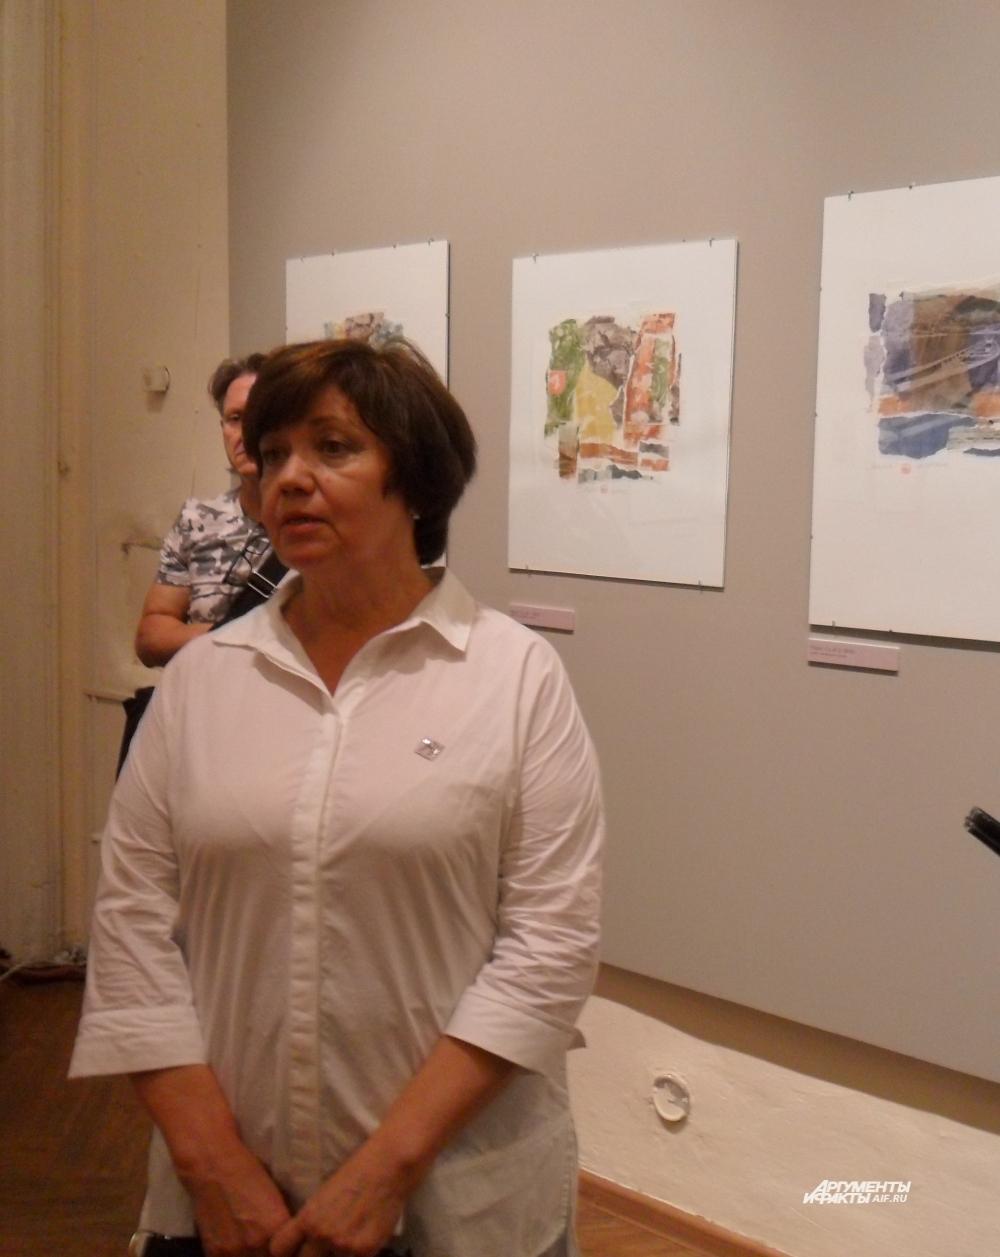 Куратор выставки Светлана Машанова: «Александр Лелякин был очень ищущий человек, творческий: графика, дизайн, фотография и новая ступенька - альтернативная фотография».